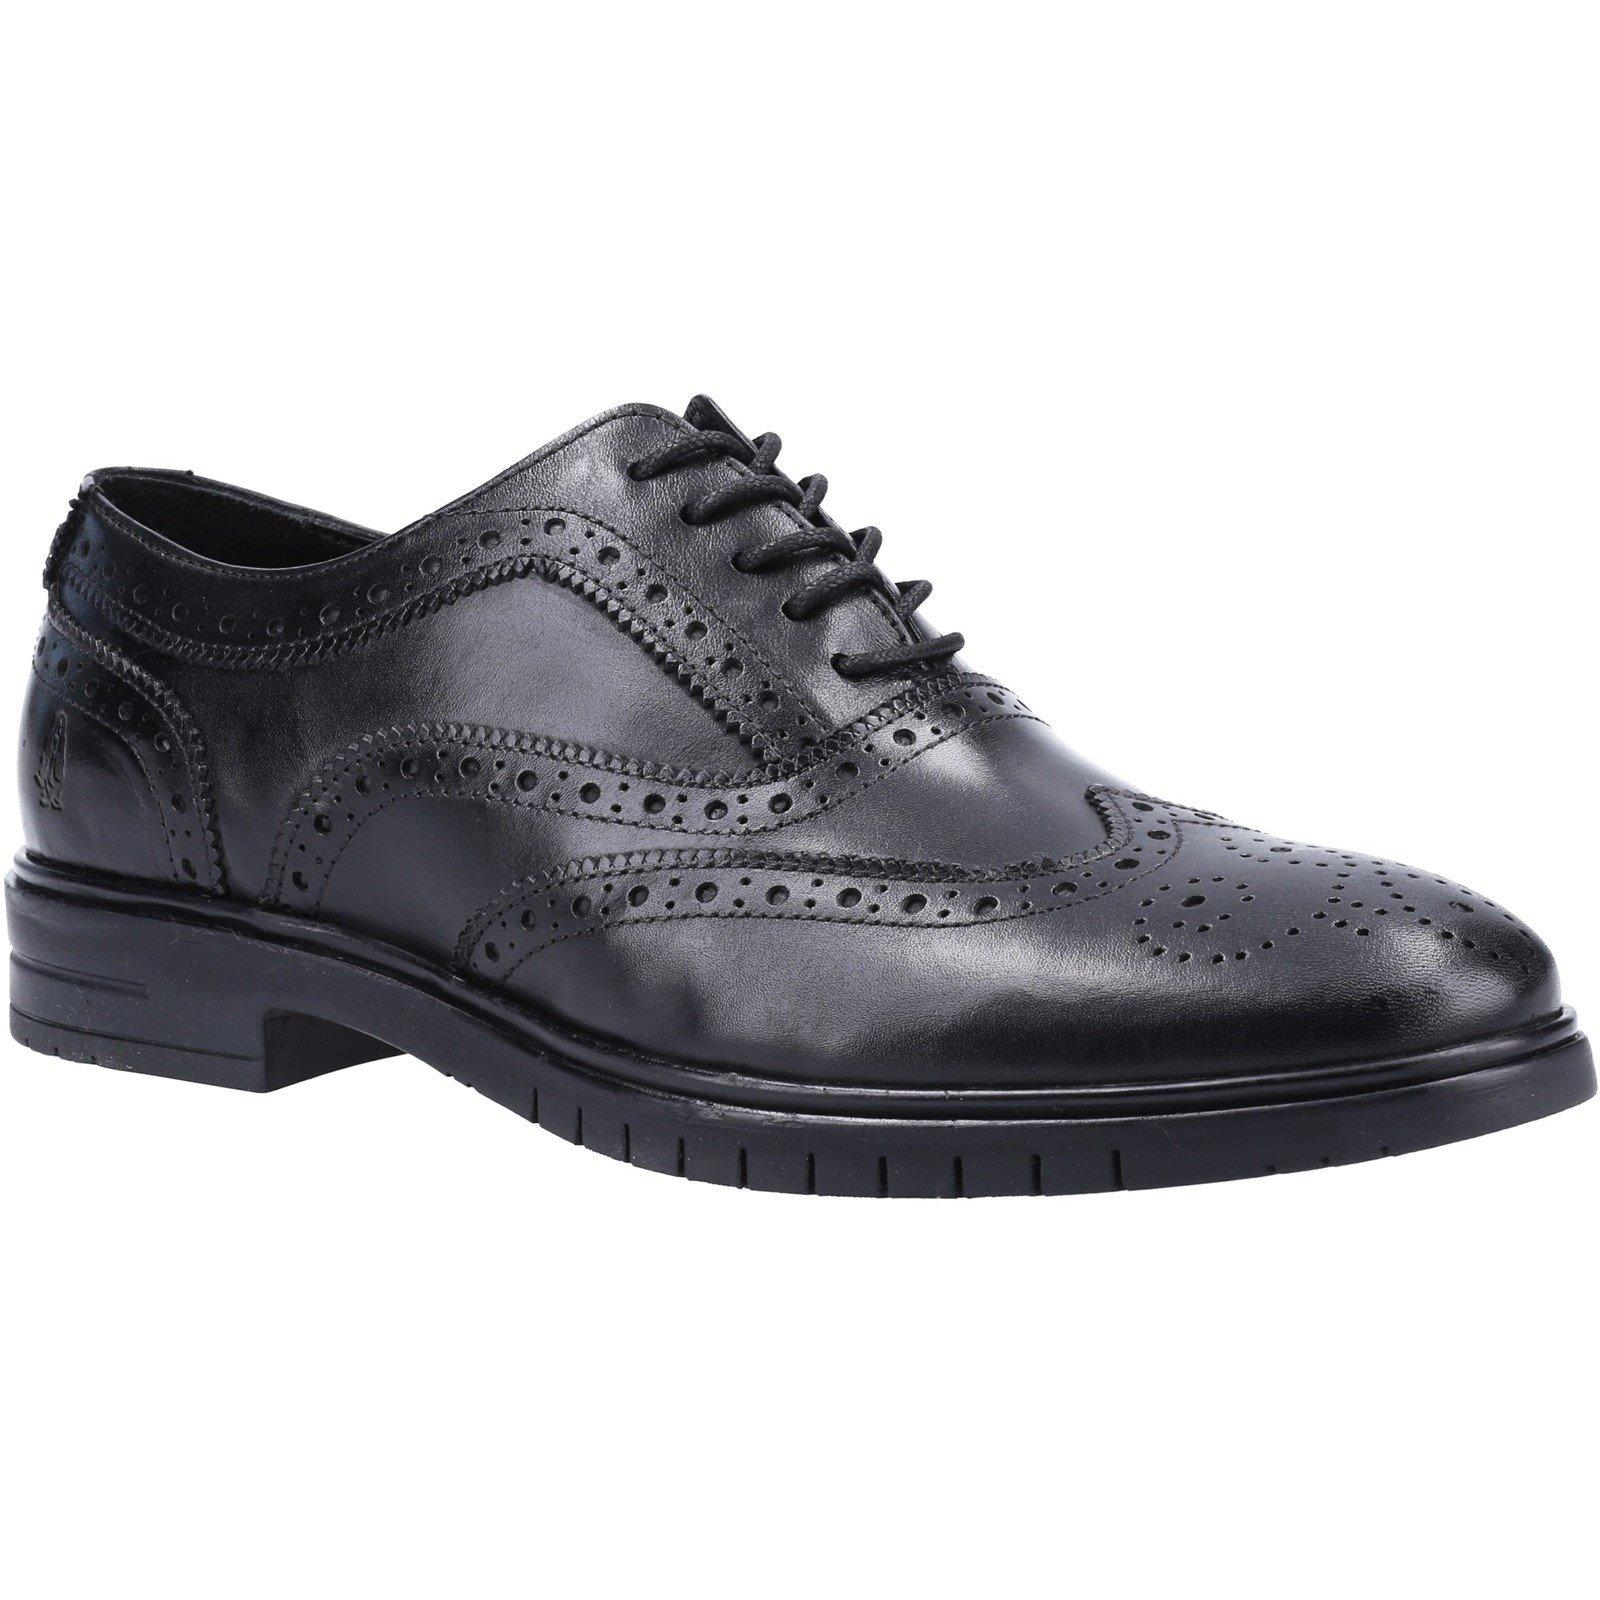 Hush Puppies Men's Santiago Lace Brogue Shoe Black 31989 - Black 7